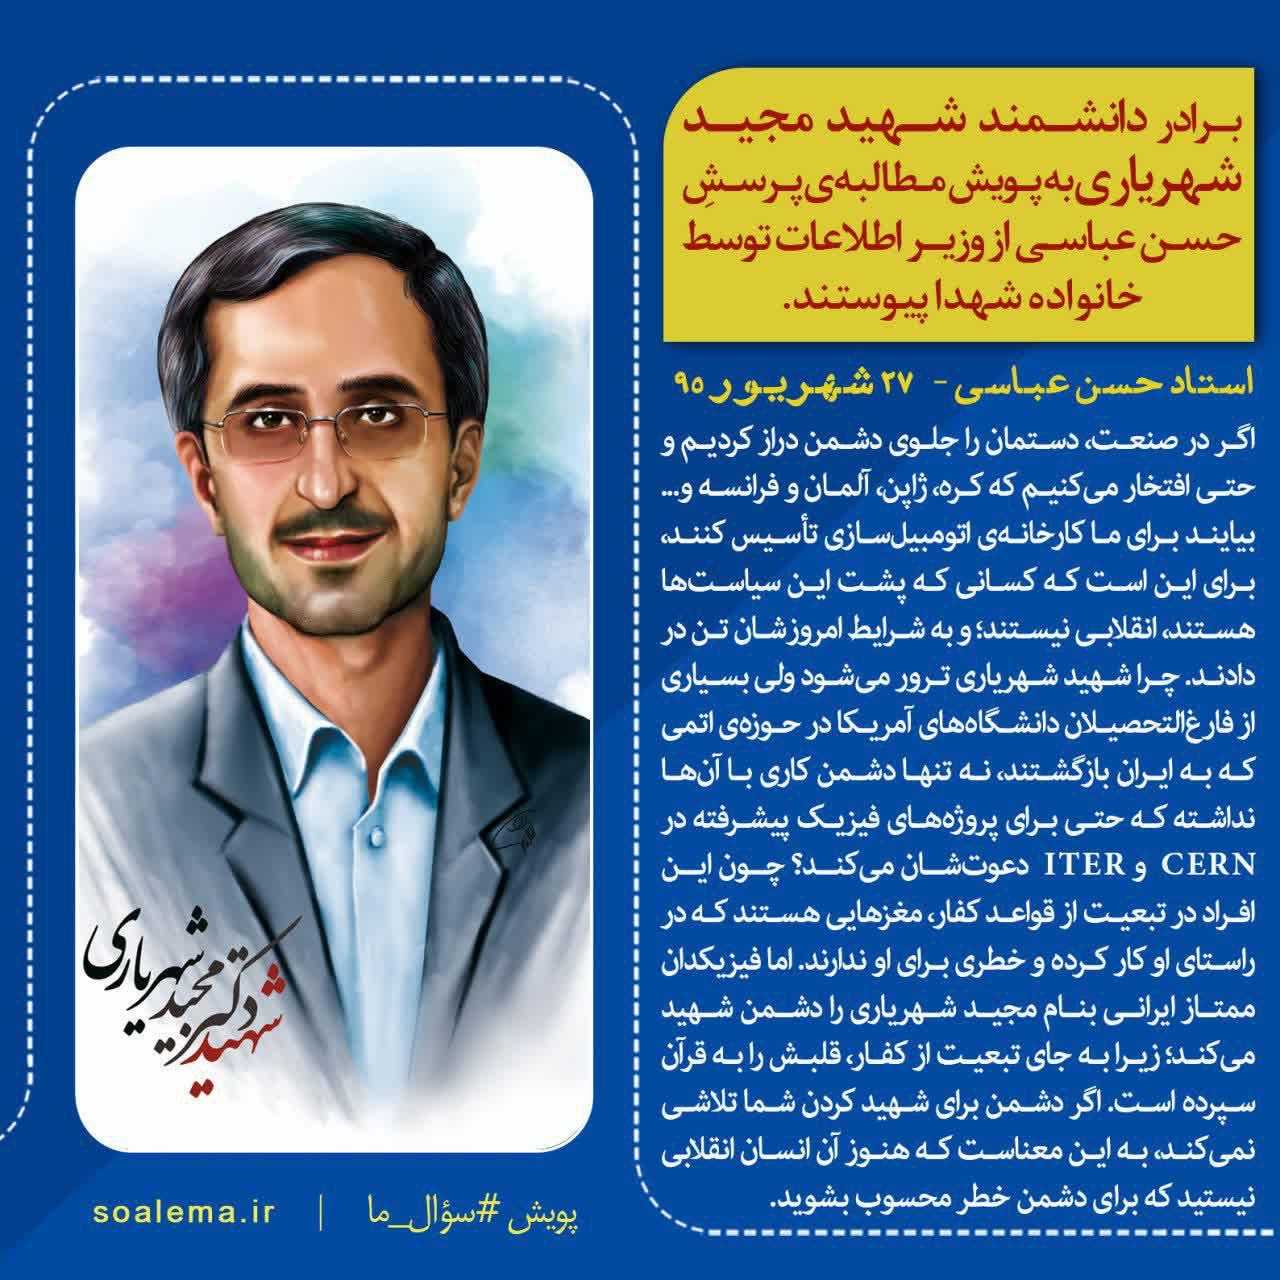 http://dl-abbasi.ir/yekta/1398/Graphic/Shohada/Shakhes13.jpg